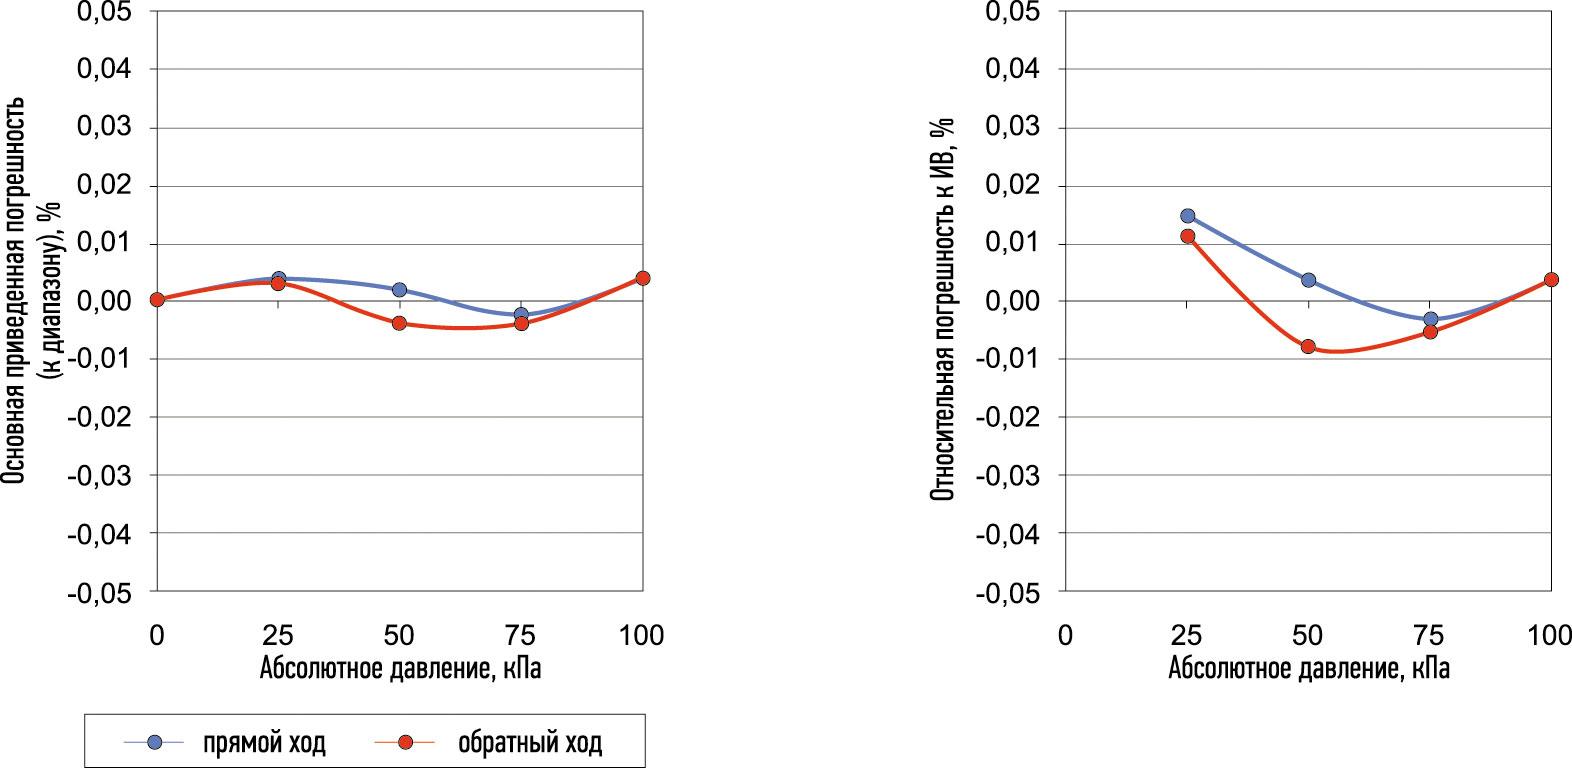 Основная приведенная к диапазону измерения (слева) и относительная к измеряемой величине (справа) погрешность датчика абсолютного давления МИДА-ДА-15-Э-0,05/100 кПа